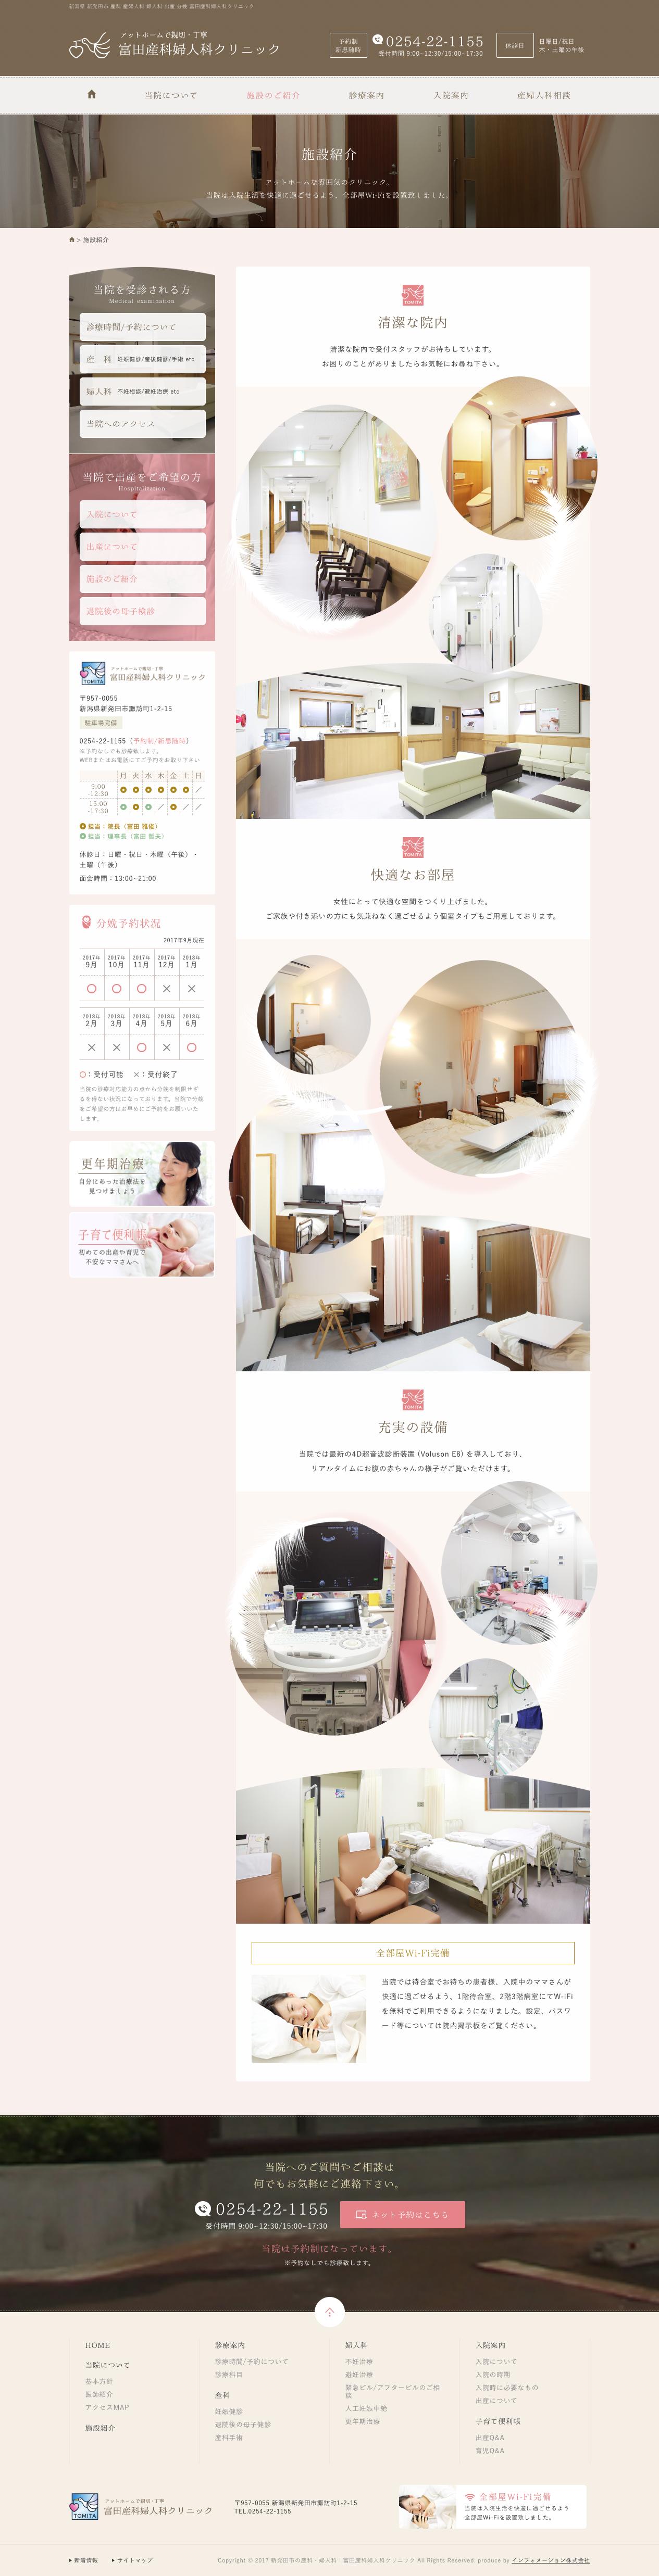 富田産科婦人科クリニック 様のホームページ画像